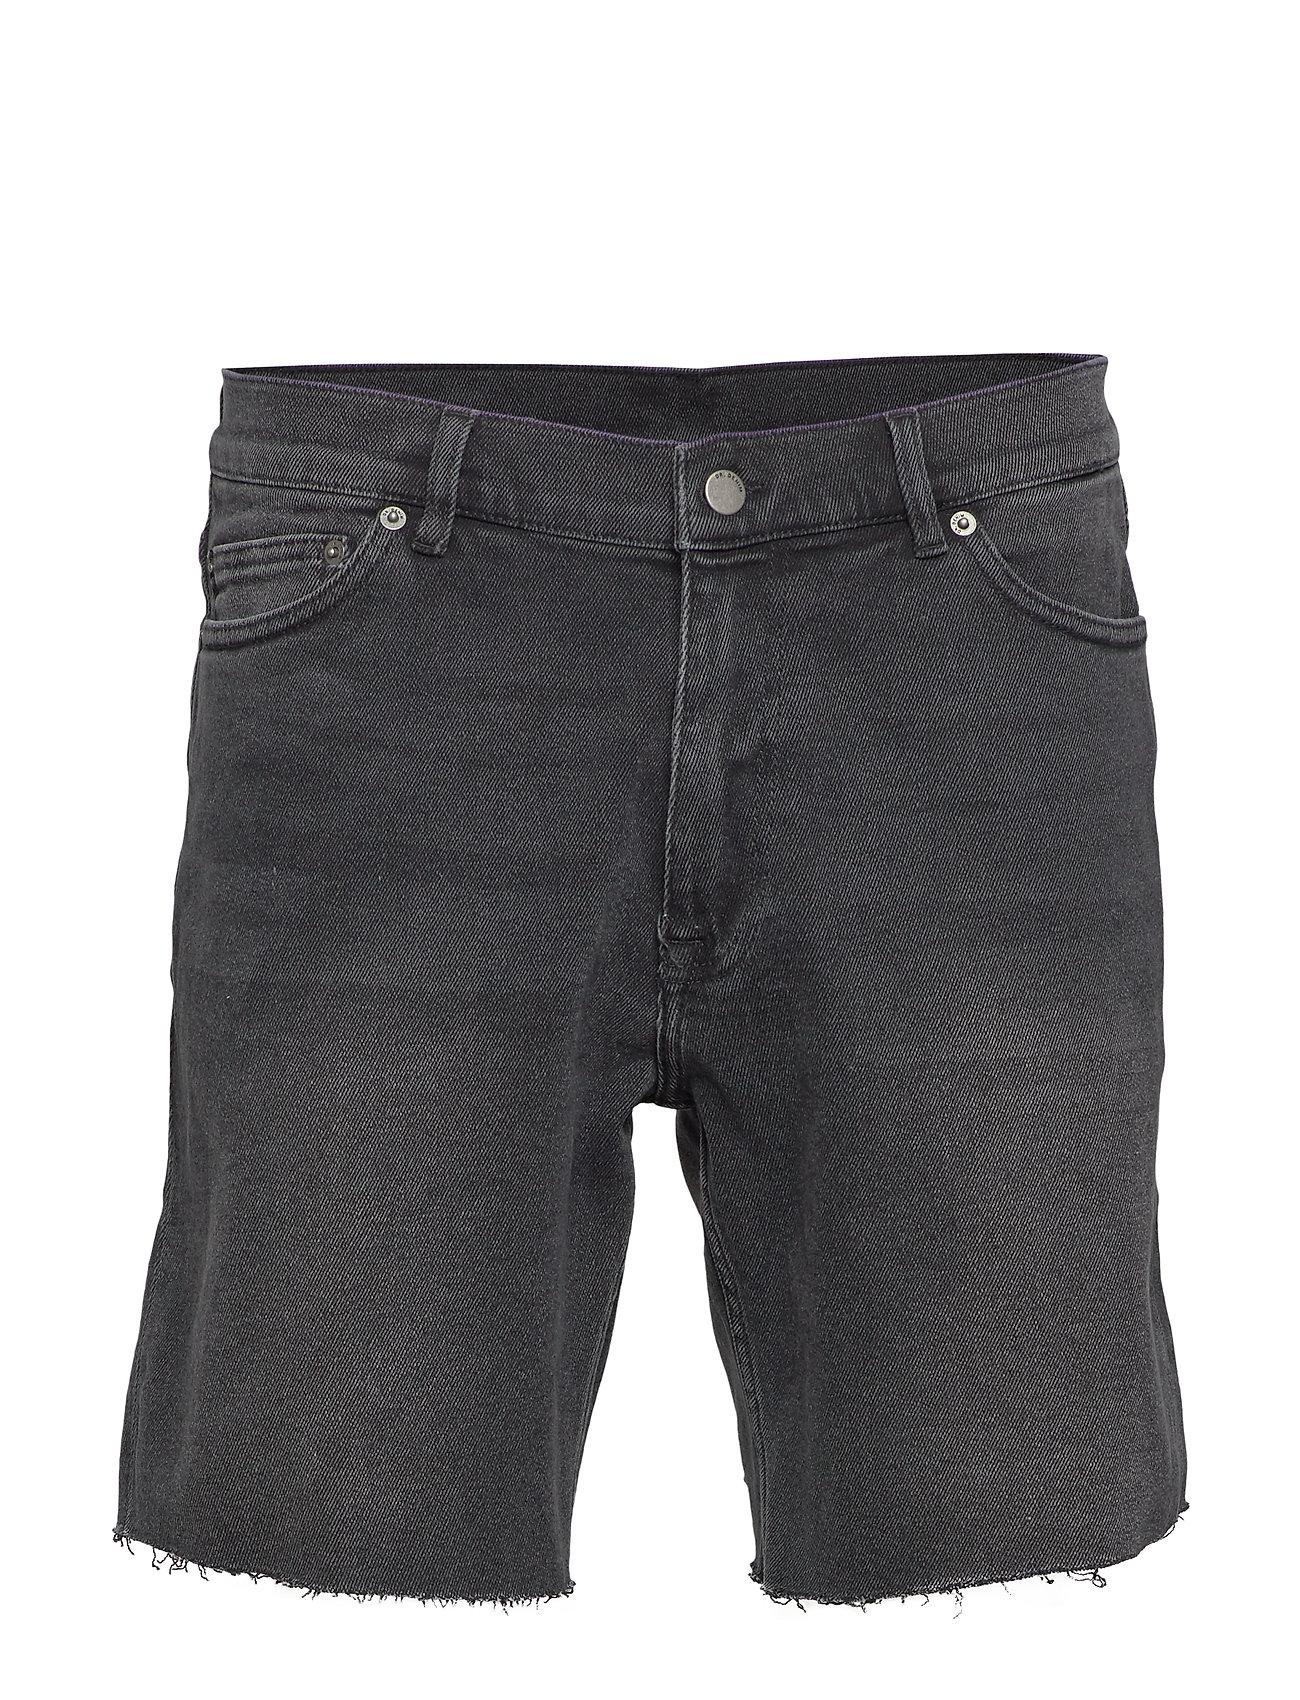 Dr. Denim Gene Denim Shorts - BLACK DUSK